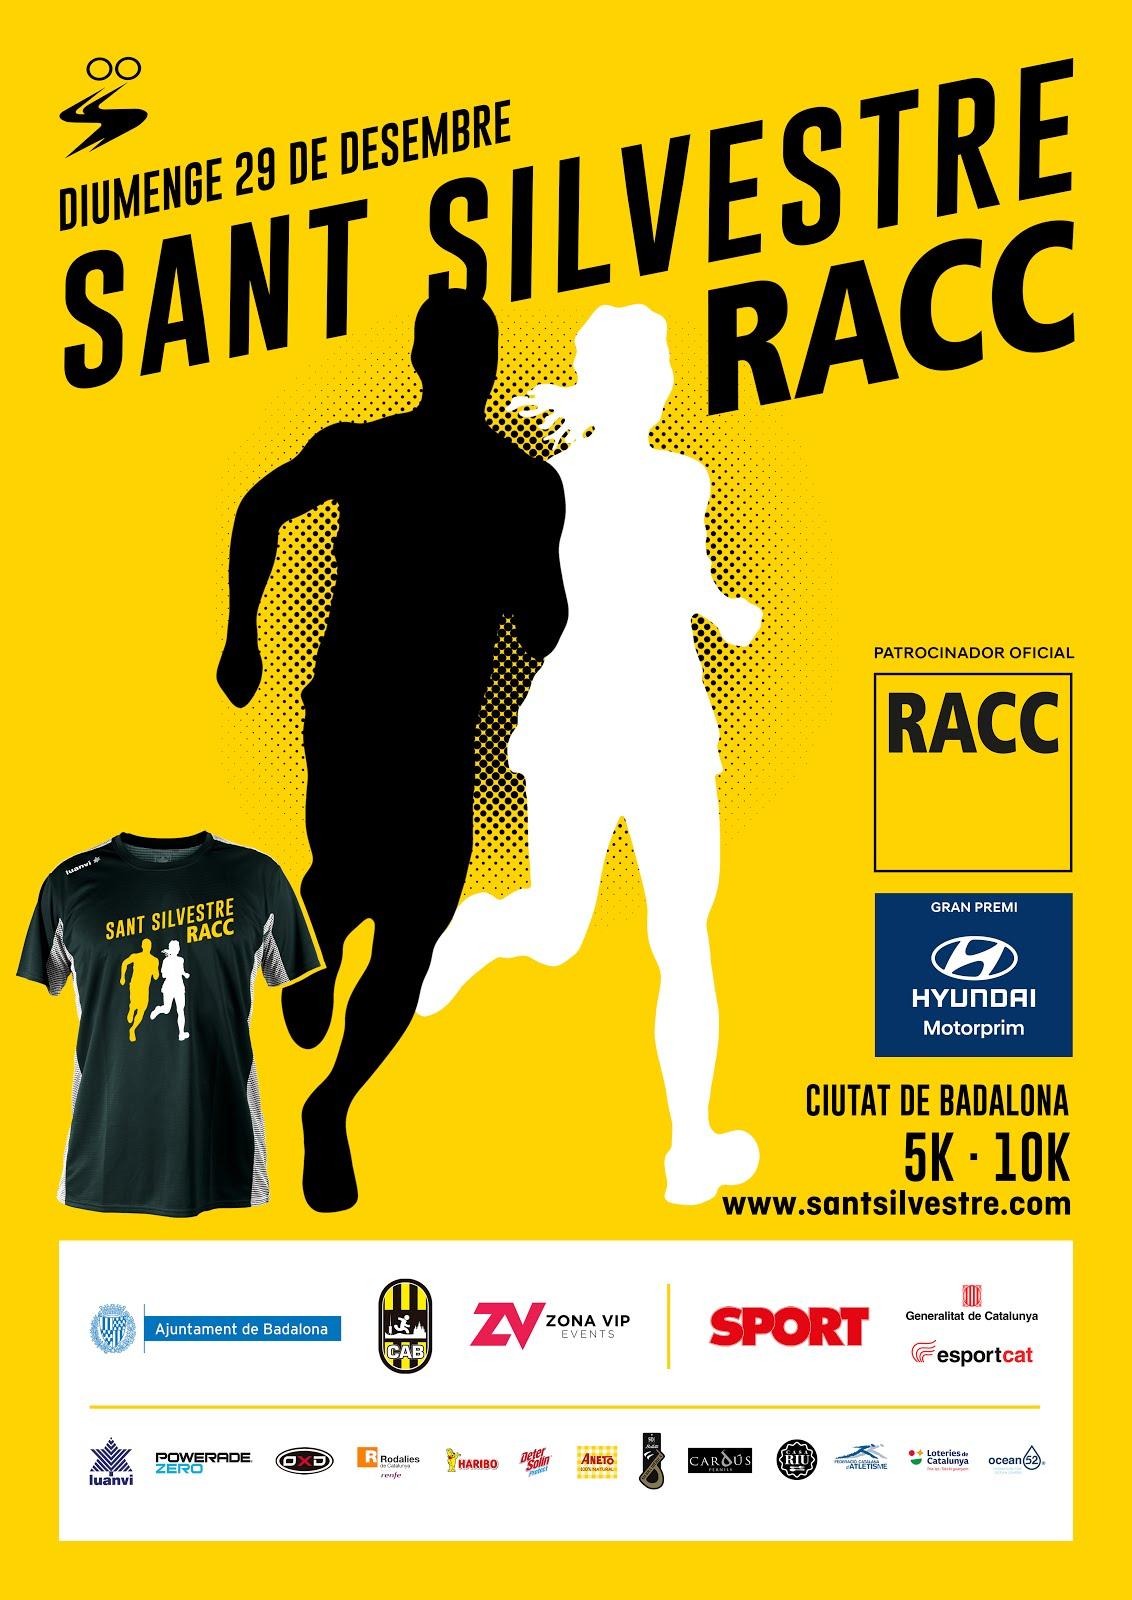 Sant Silvestre Racc Badalona